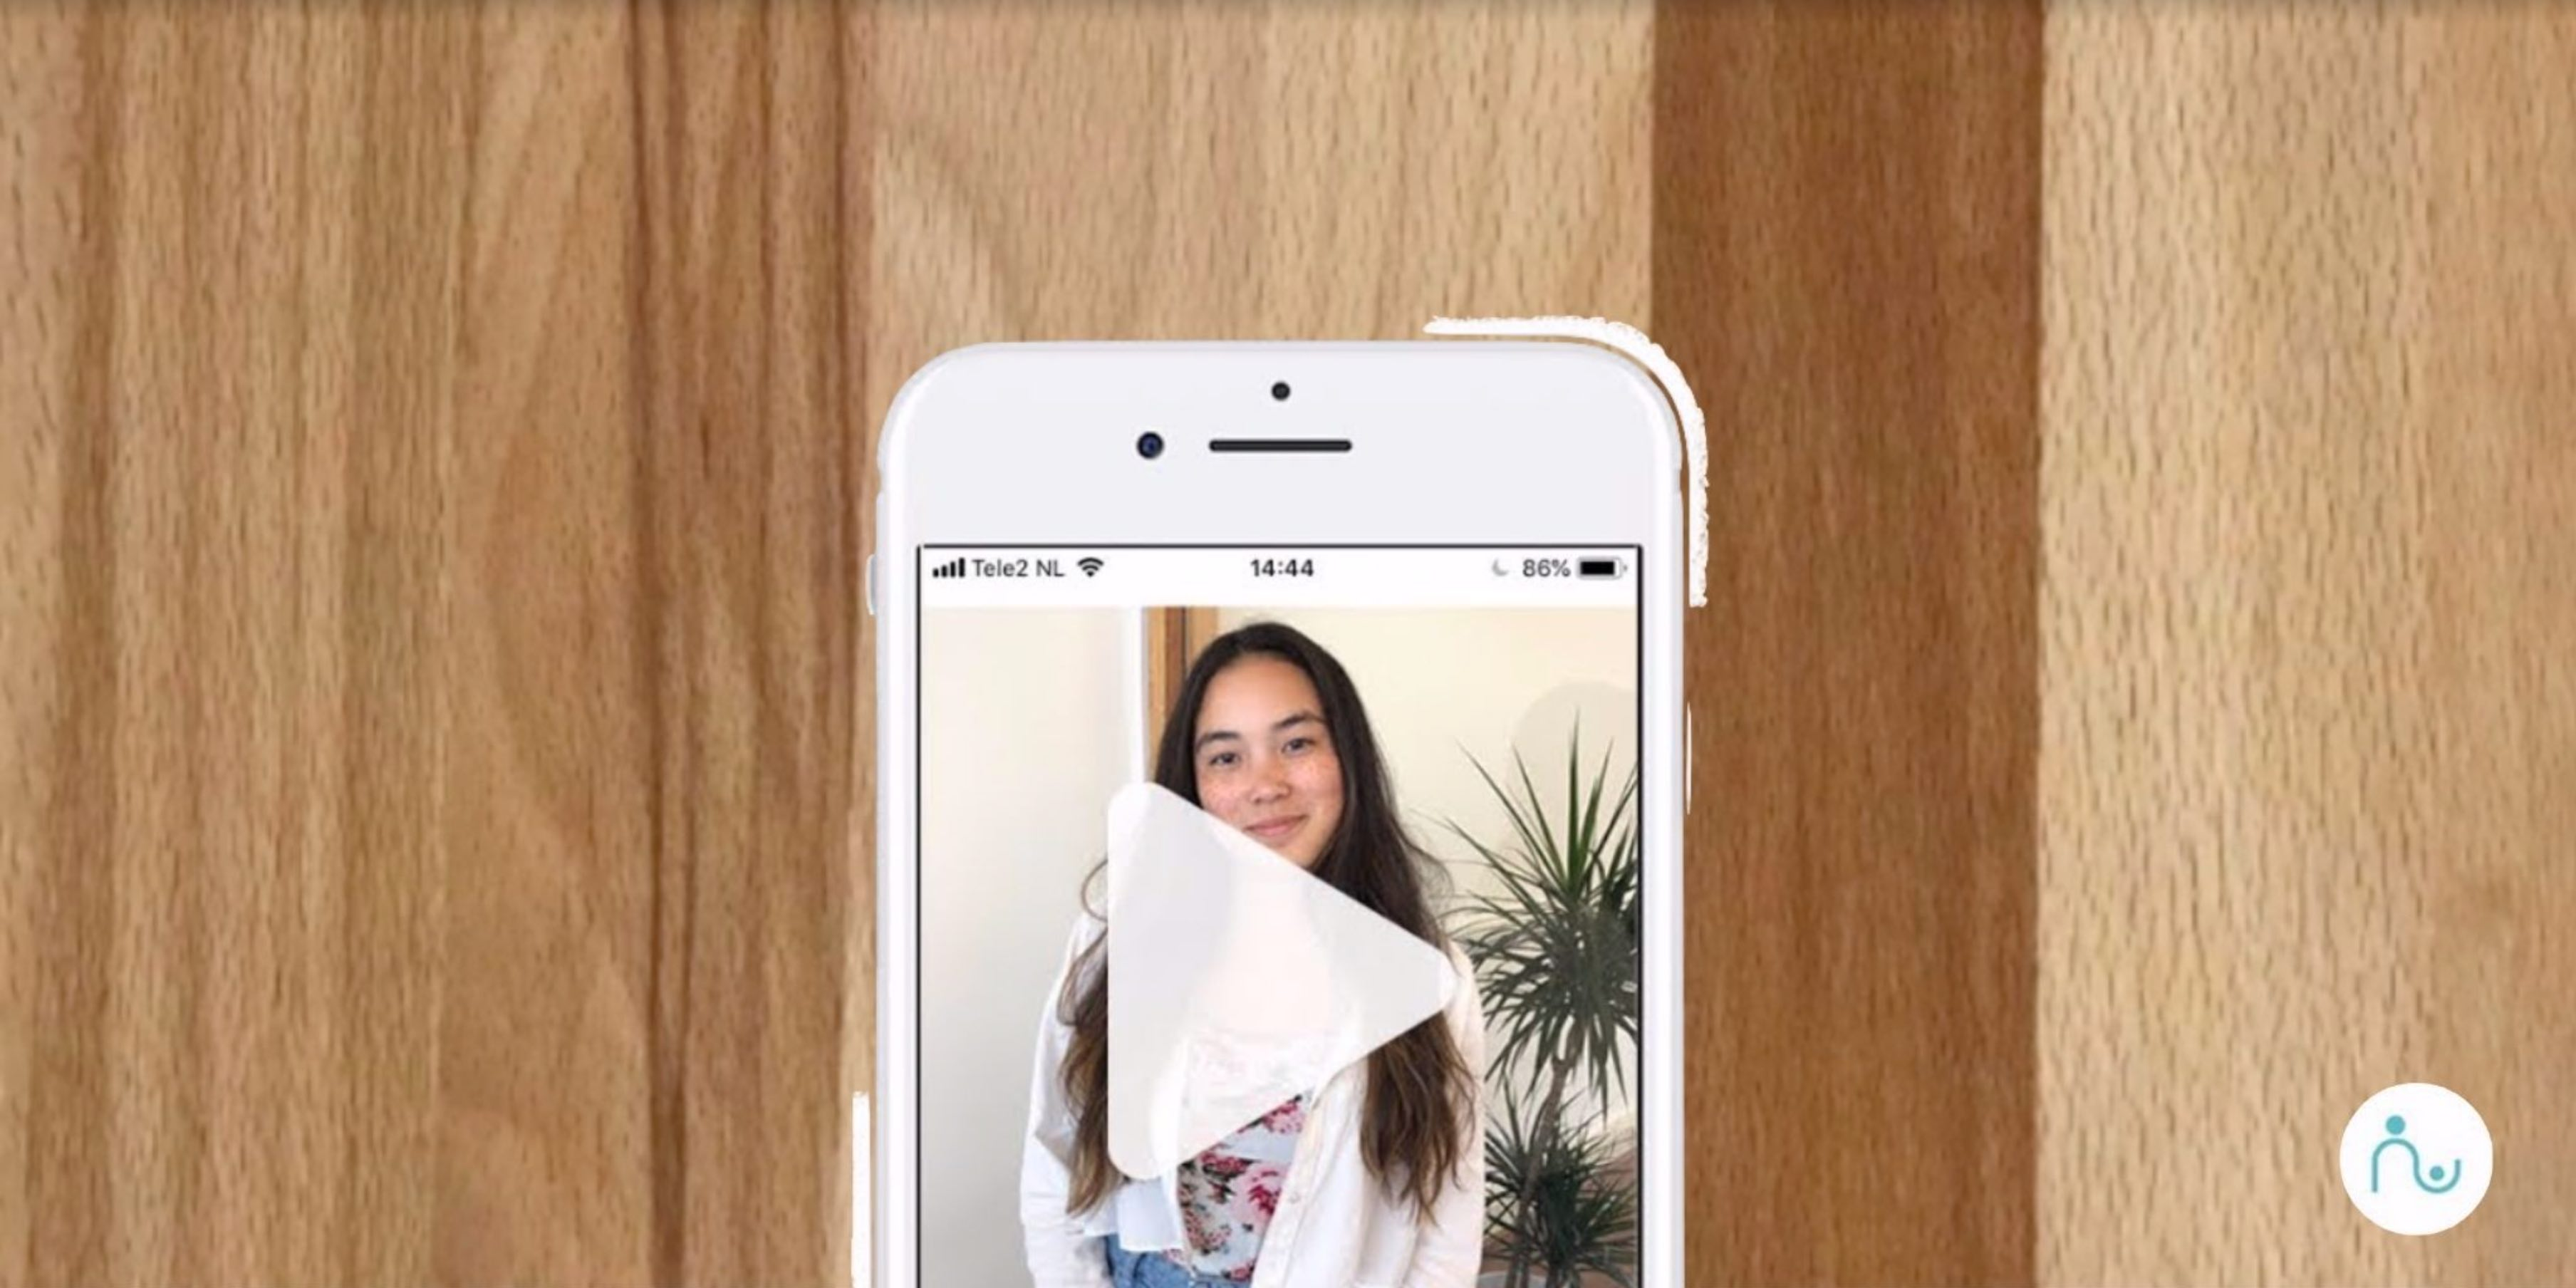 Hoe maak je een profielvideo?